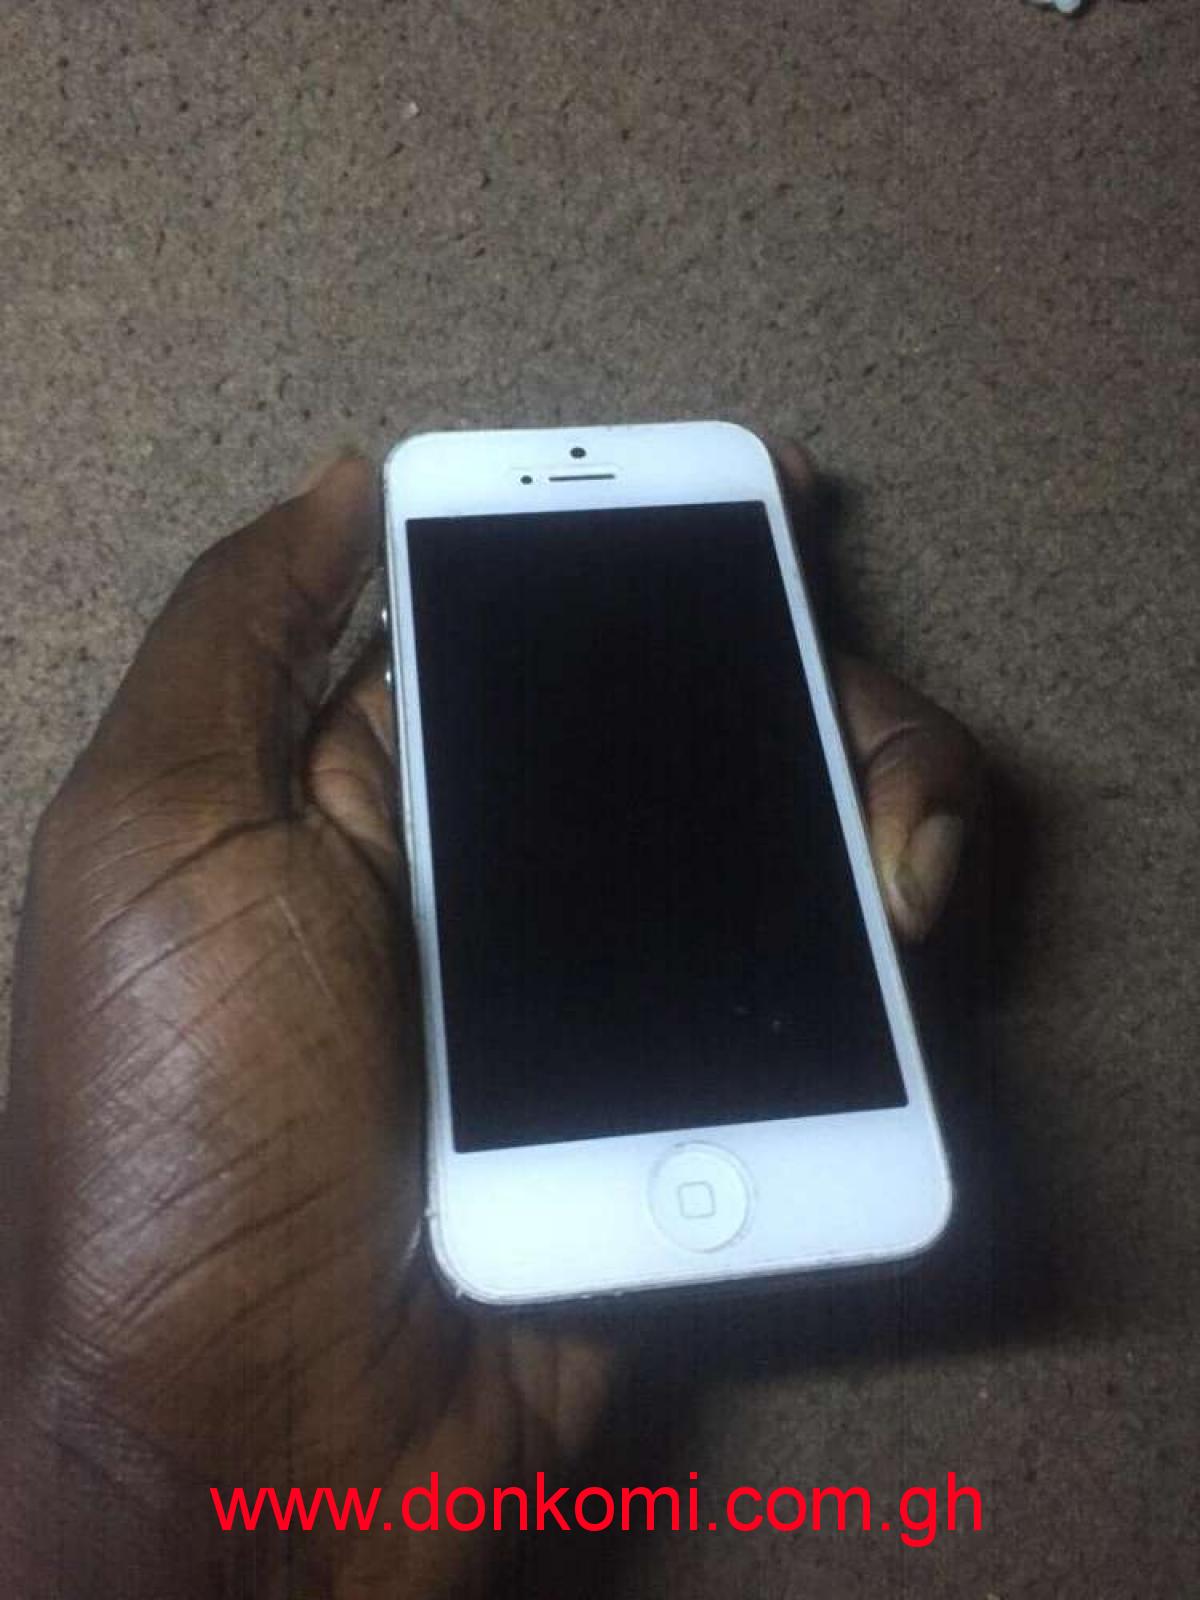 Apple iPhone 5 Icloud lock